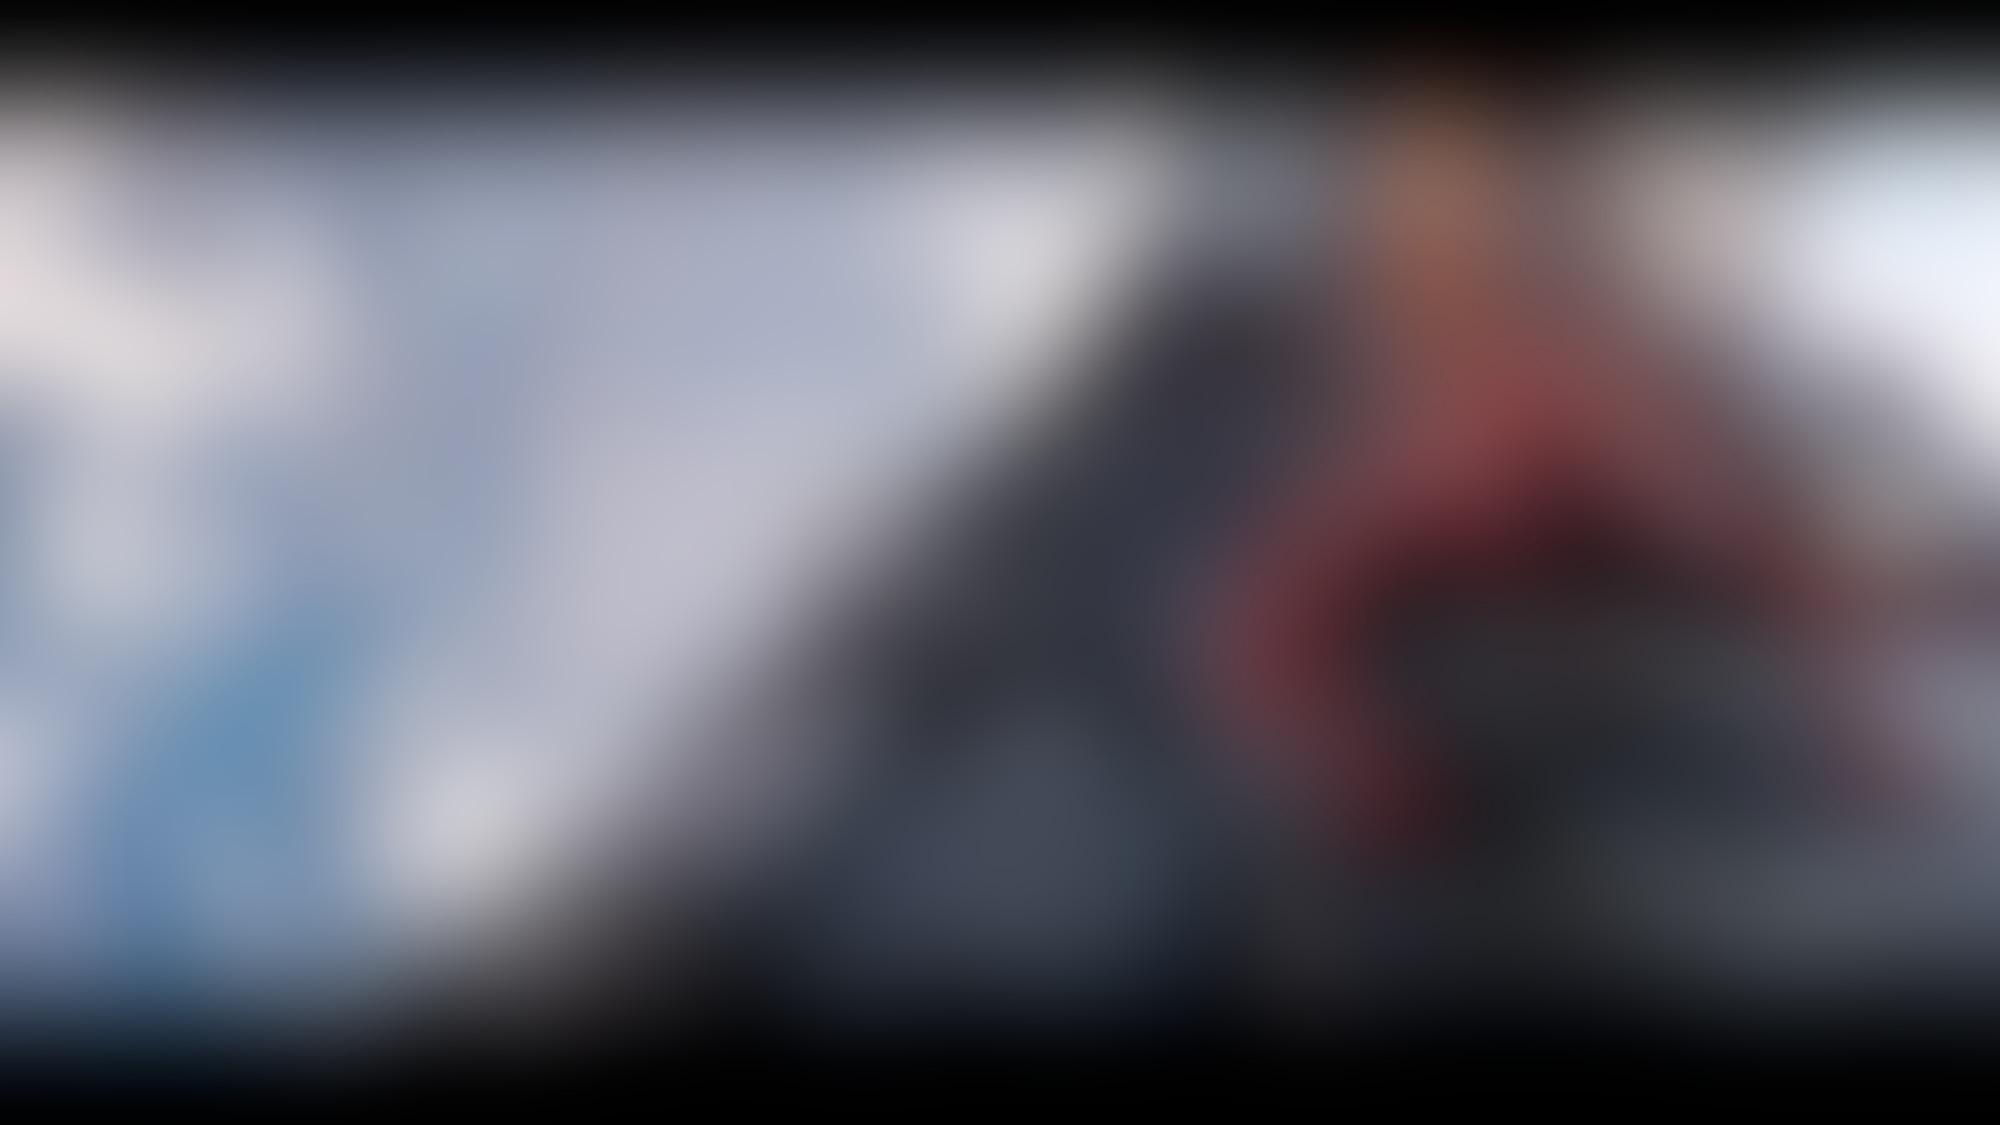 Avengers Infinity War2018 Framestore 01 after autocompressfitresizeixlibphp 1 1 0max h2000max w3 D2000q80s95c4e94d36b0d9a5a180905cb36ee943